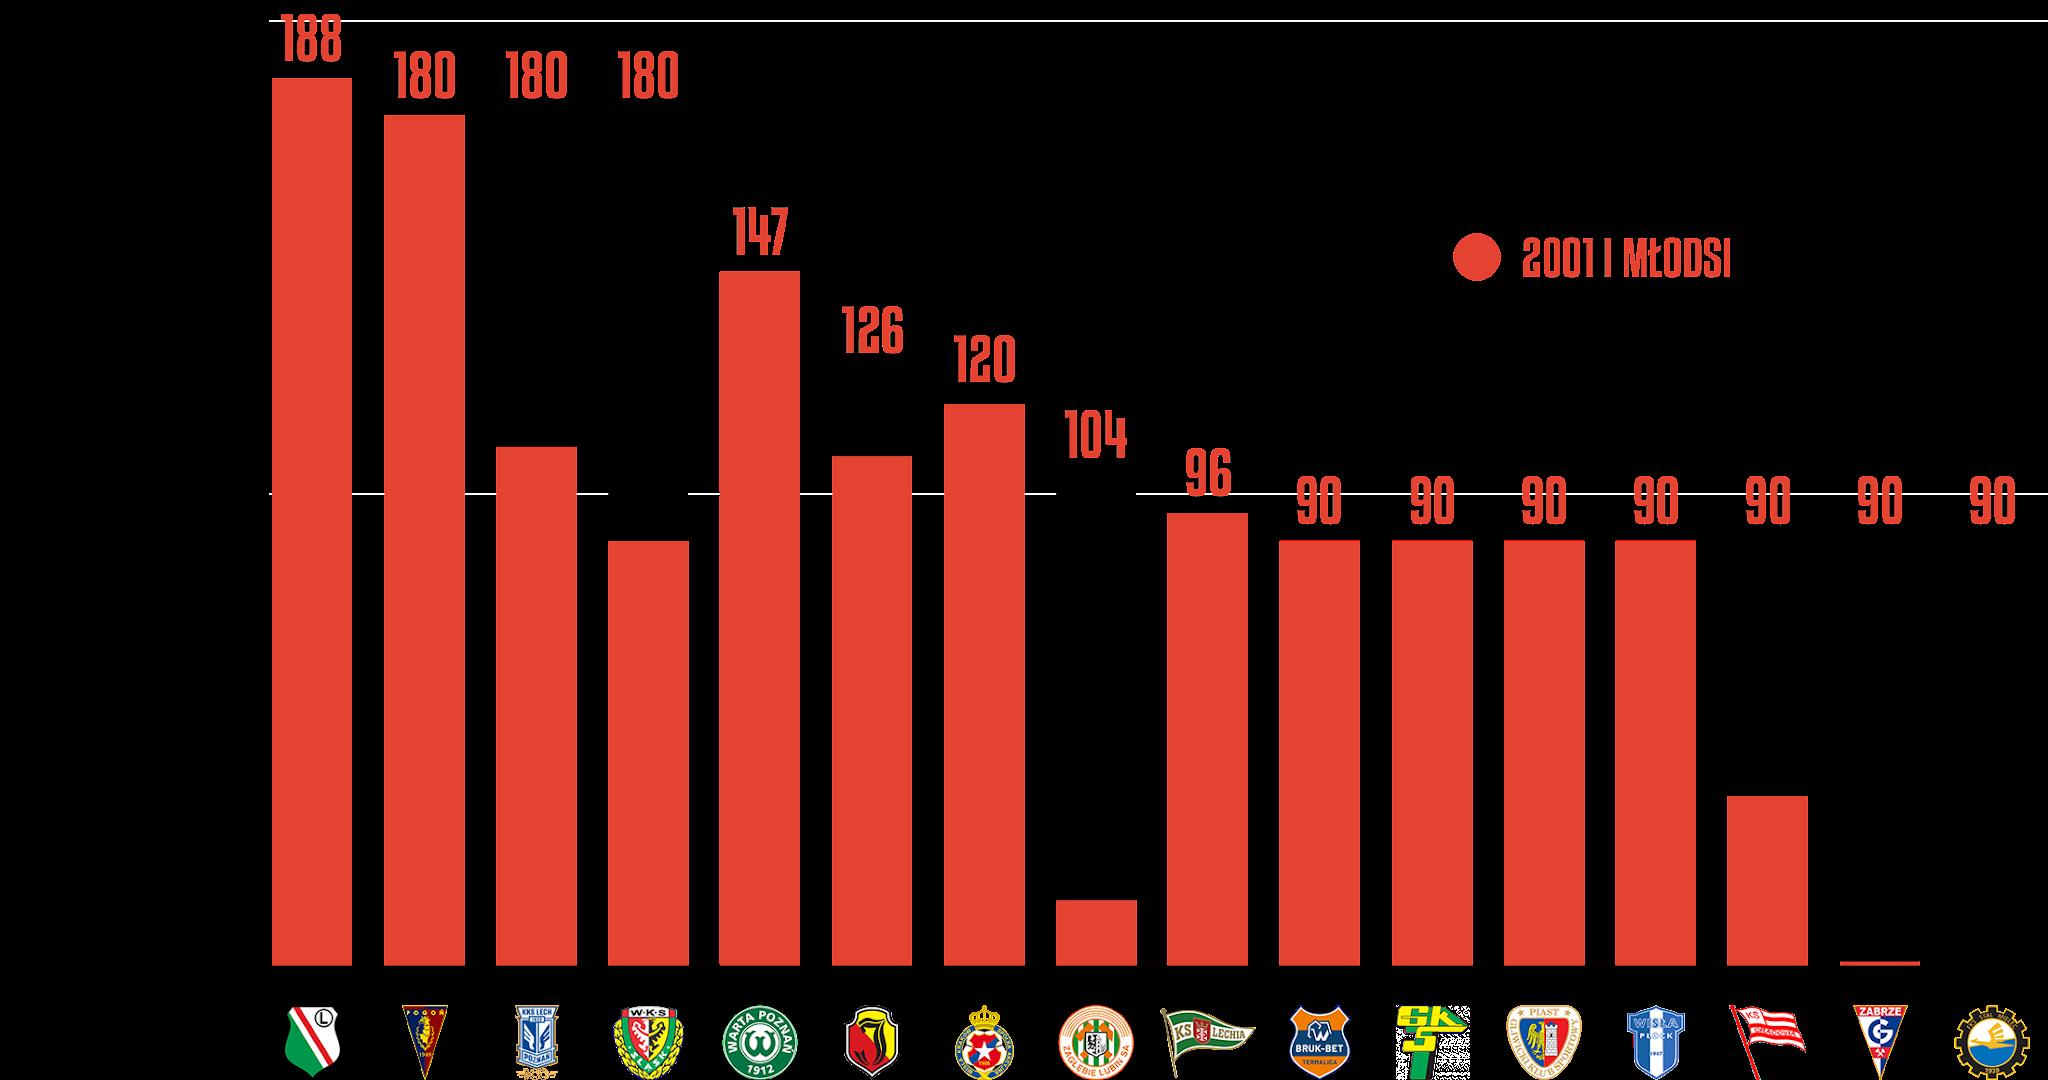 Klasyfikacja klubów pod względem rozegranego czasu przez młodzieżowców w4.kolejce PKO Ekstraklasy<br><br>Źródło: Opracowanie własne na podstawie ekstrastats.pl<br><br>graf. Bartosz Urban